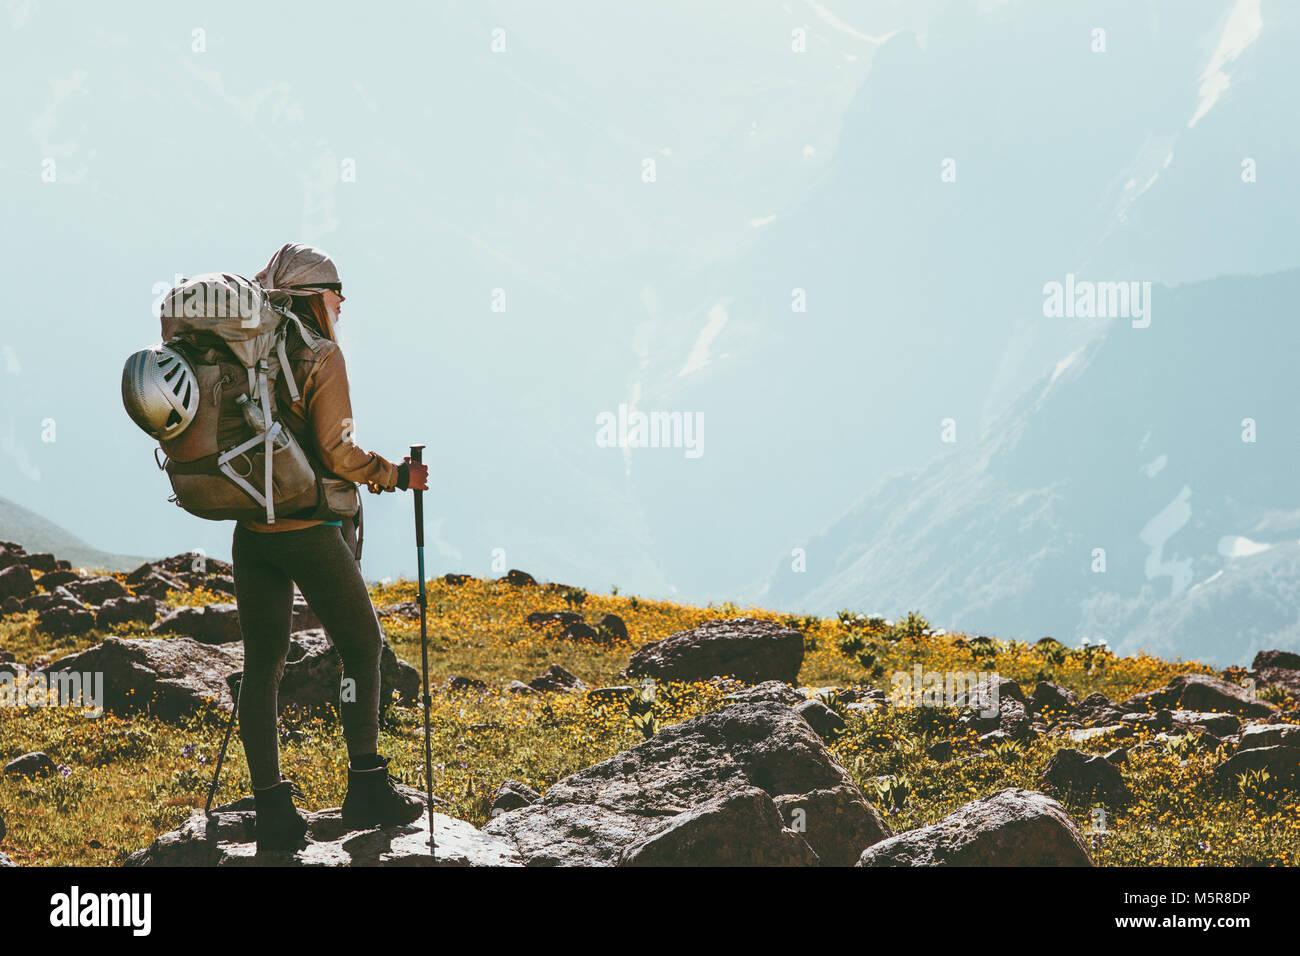 Woman Trekking con zaino Viaggi avventura su uno stile di vita sano concetto outdoor attivo vacanze estive Immagini Stock